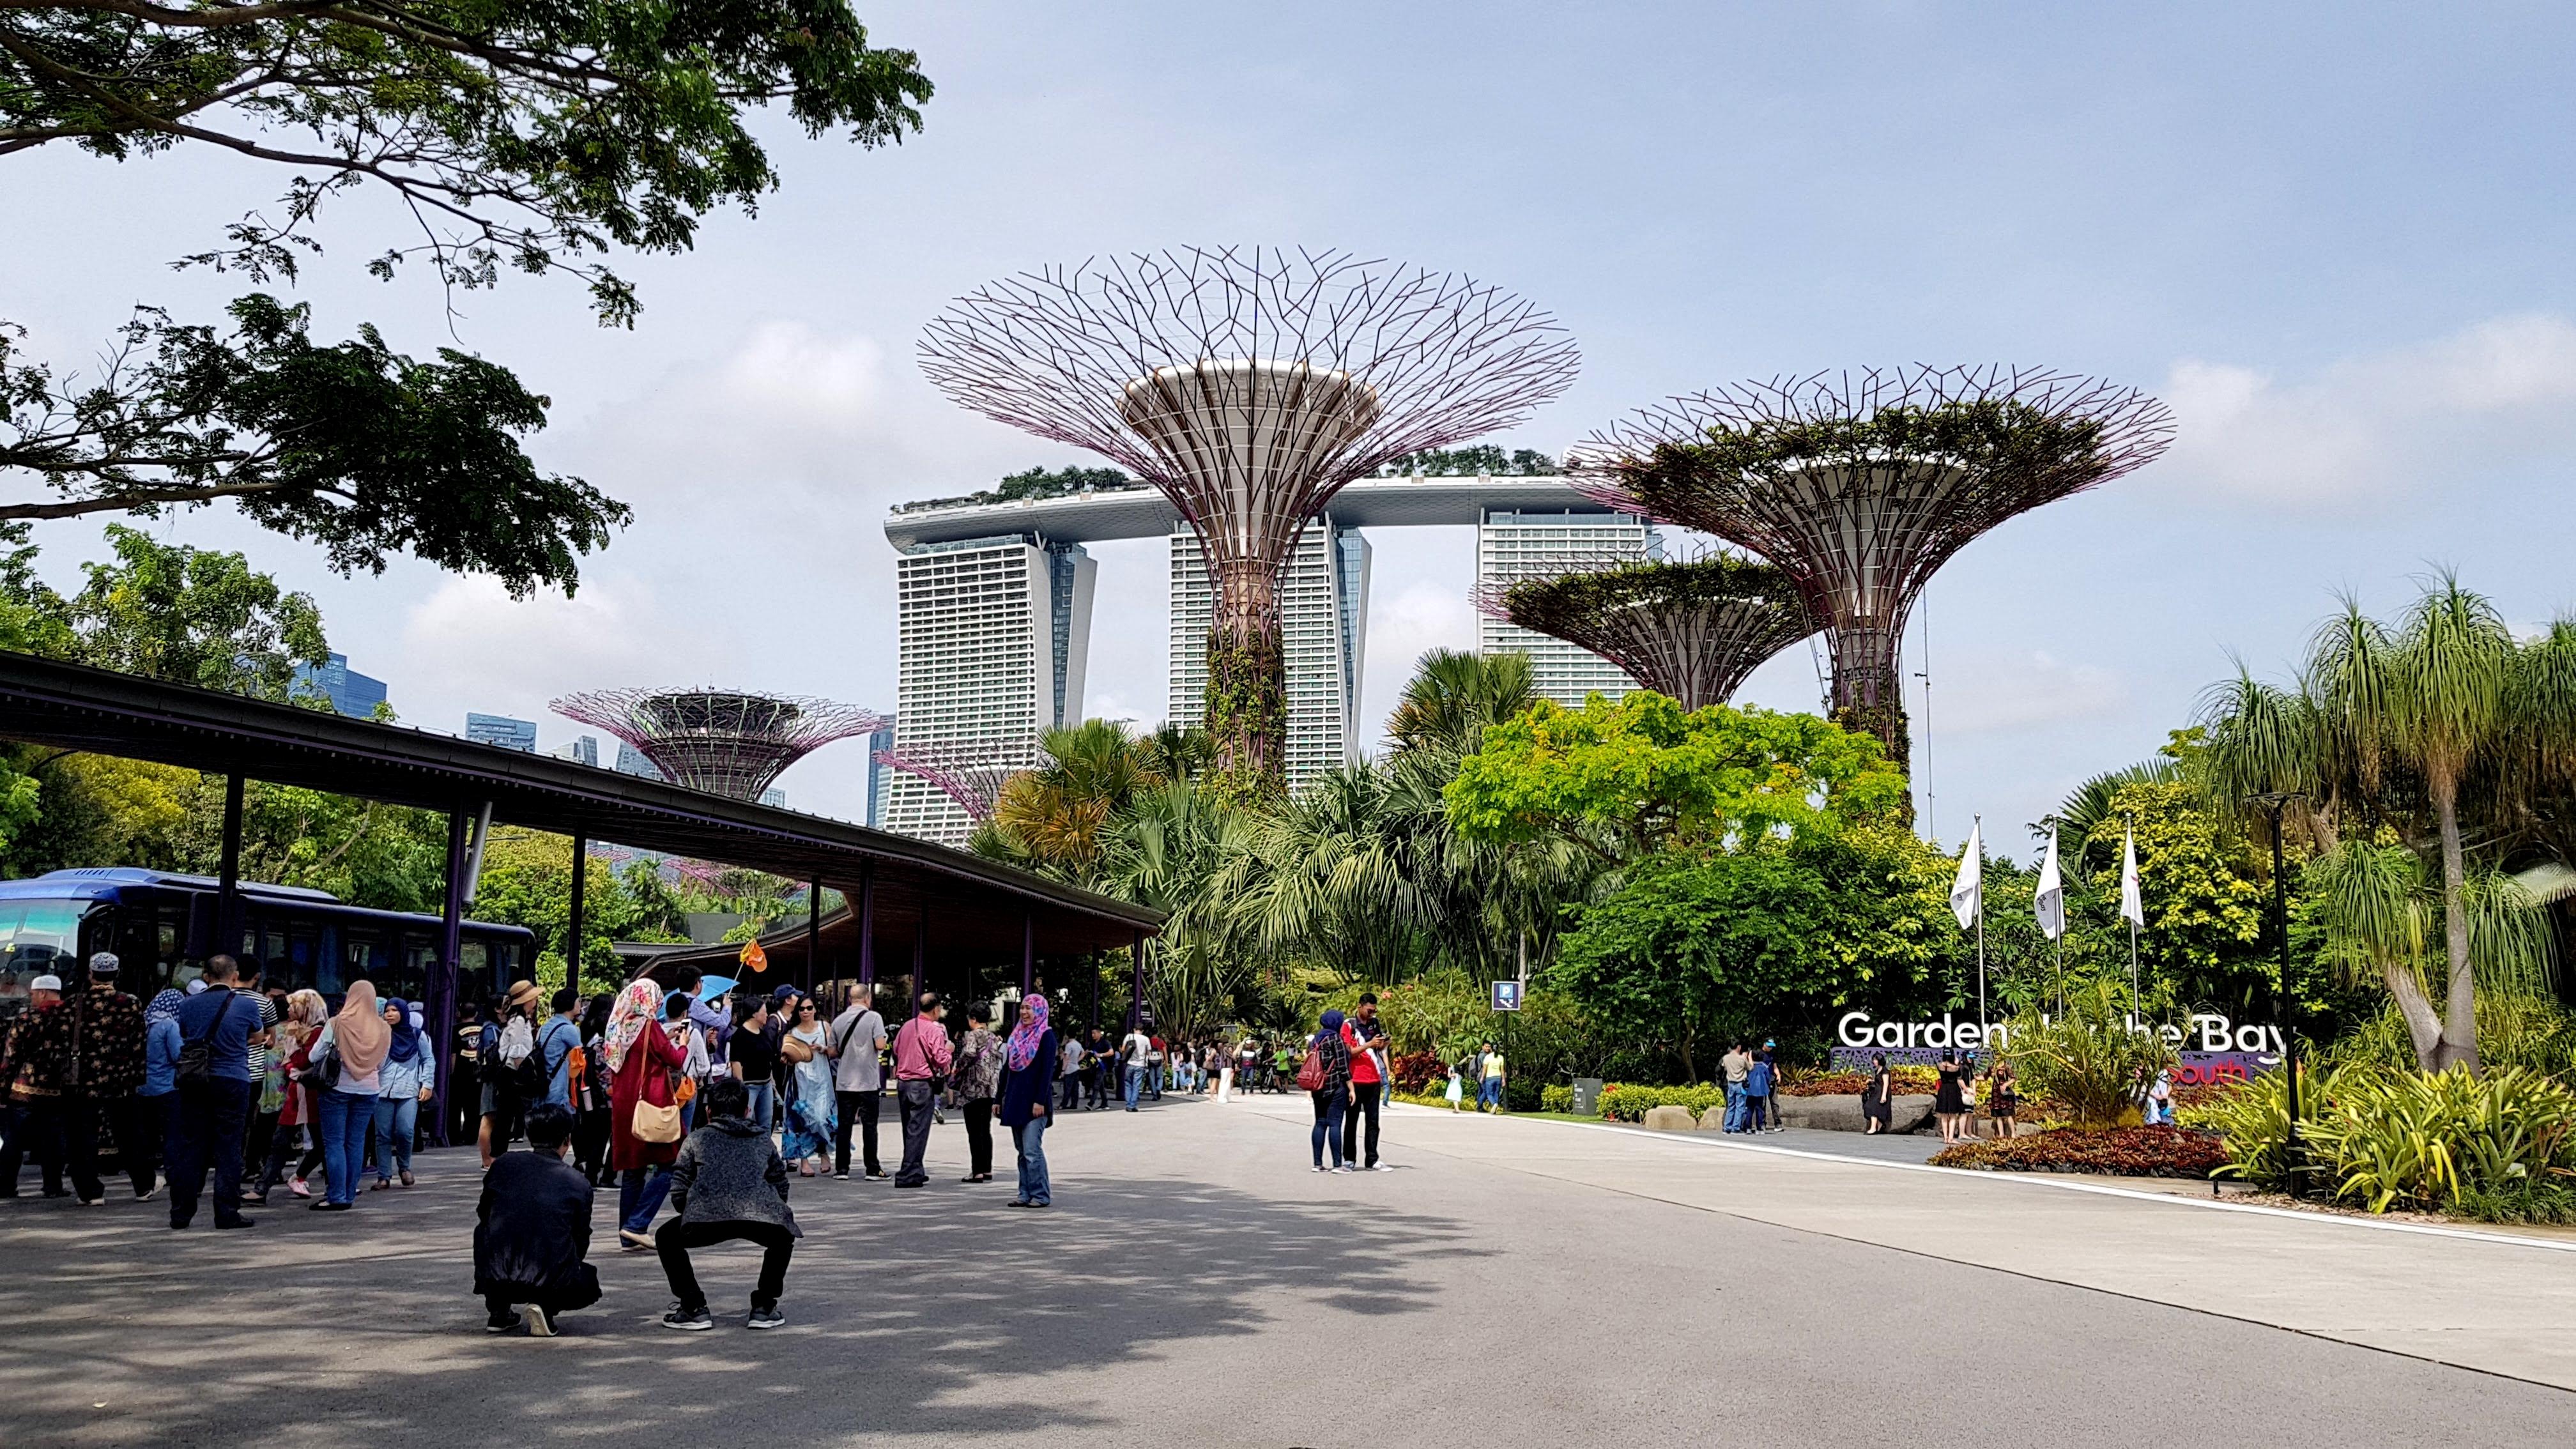 Singapuras kolumbokeliones asmeninis archyvas 3